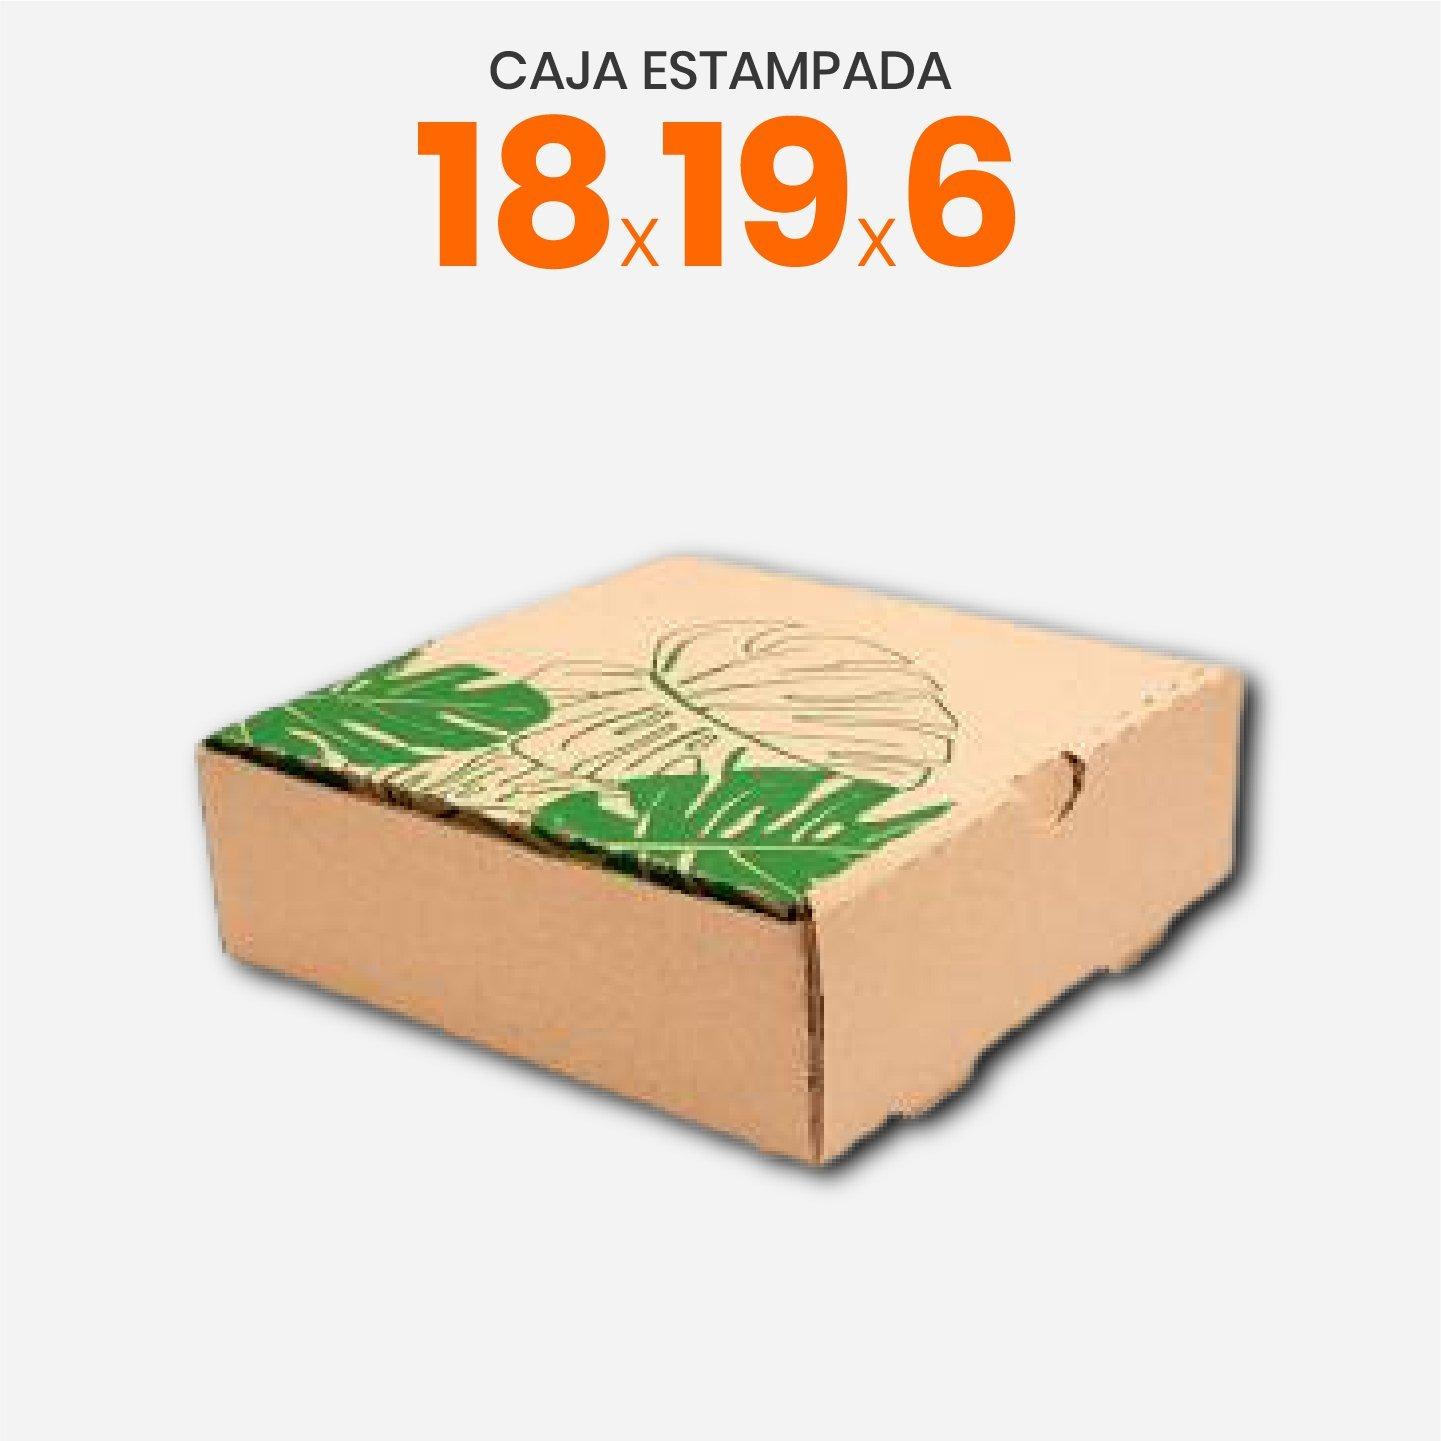 Caja De Cartón Corrugado Con Estampa De Hojas 18x19x6